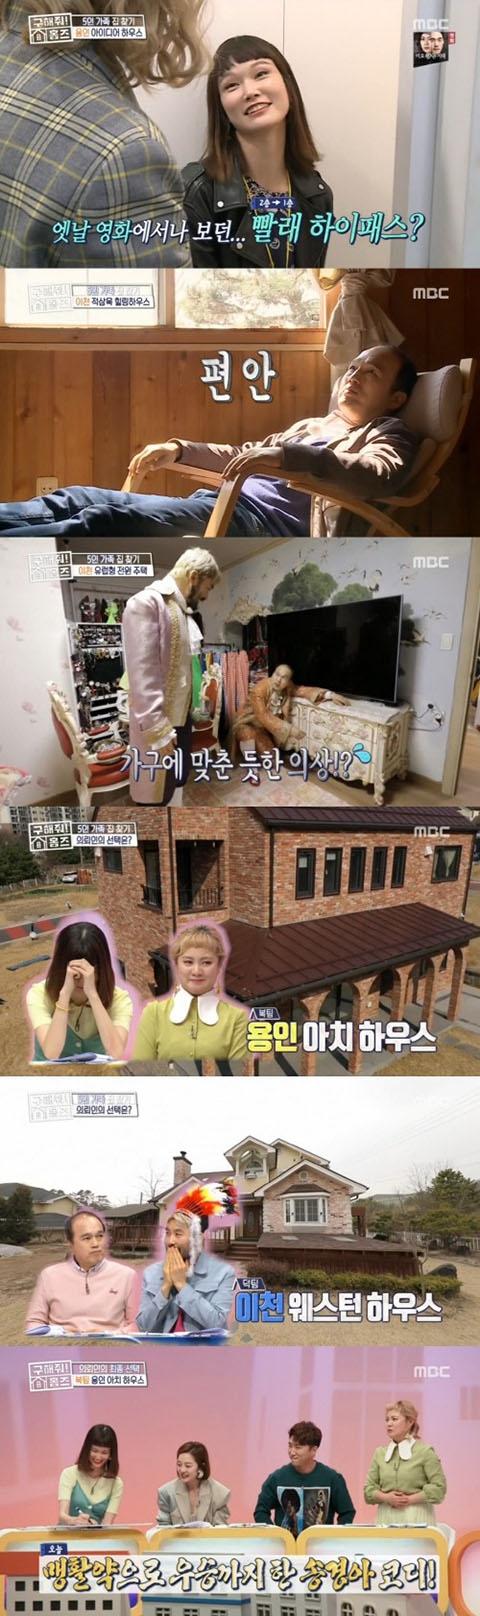 [사진]MBC 방송화면 캡처